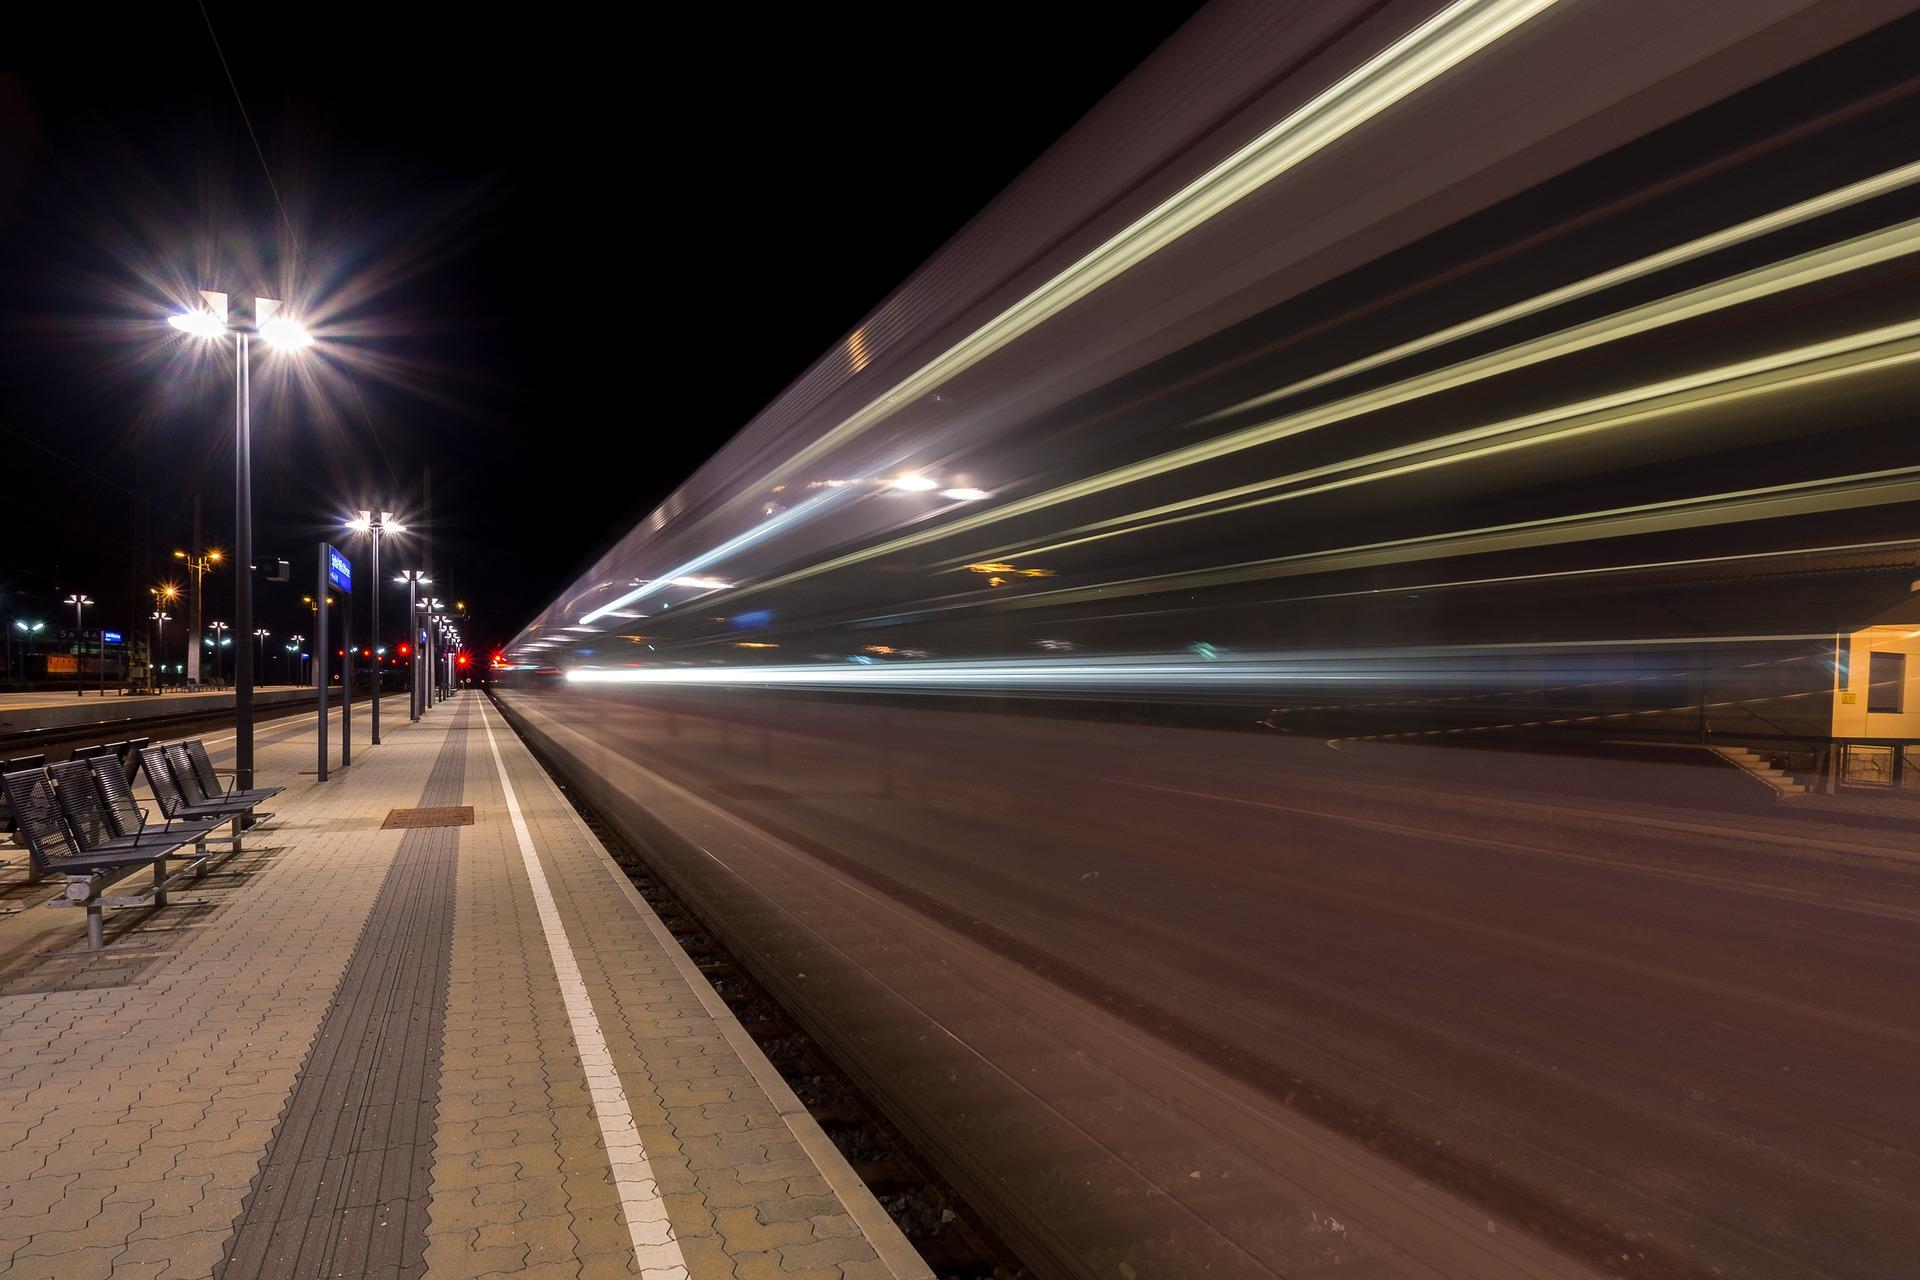 SNCF : Les deux derniers trains de nuit maintenus et rénovés